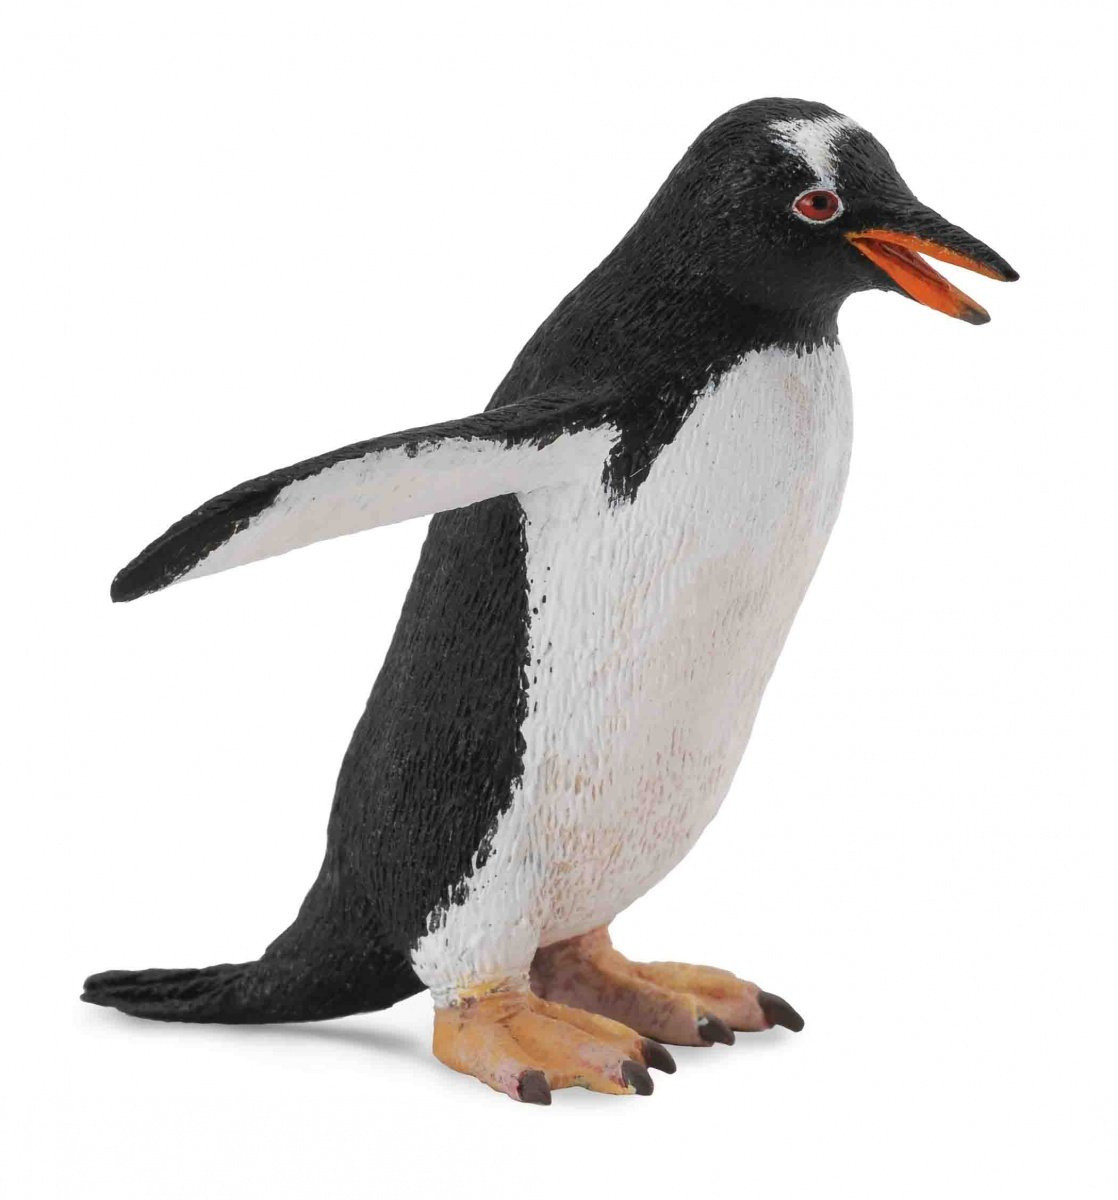 Collecta Фигурка Субантарктический пингвин, S, 7 см